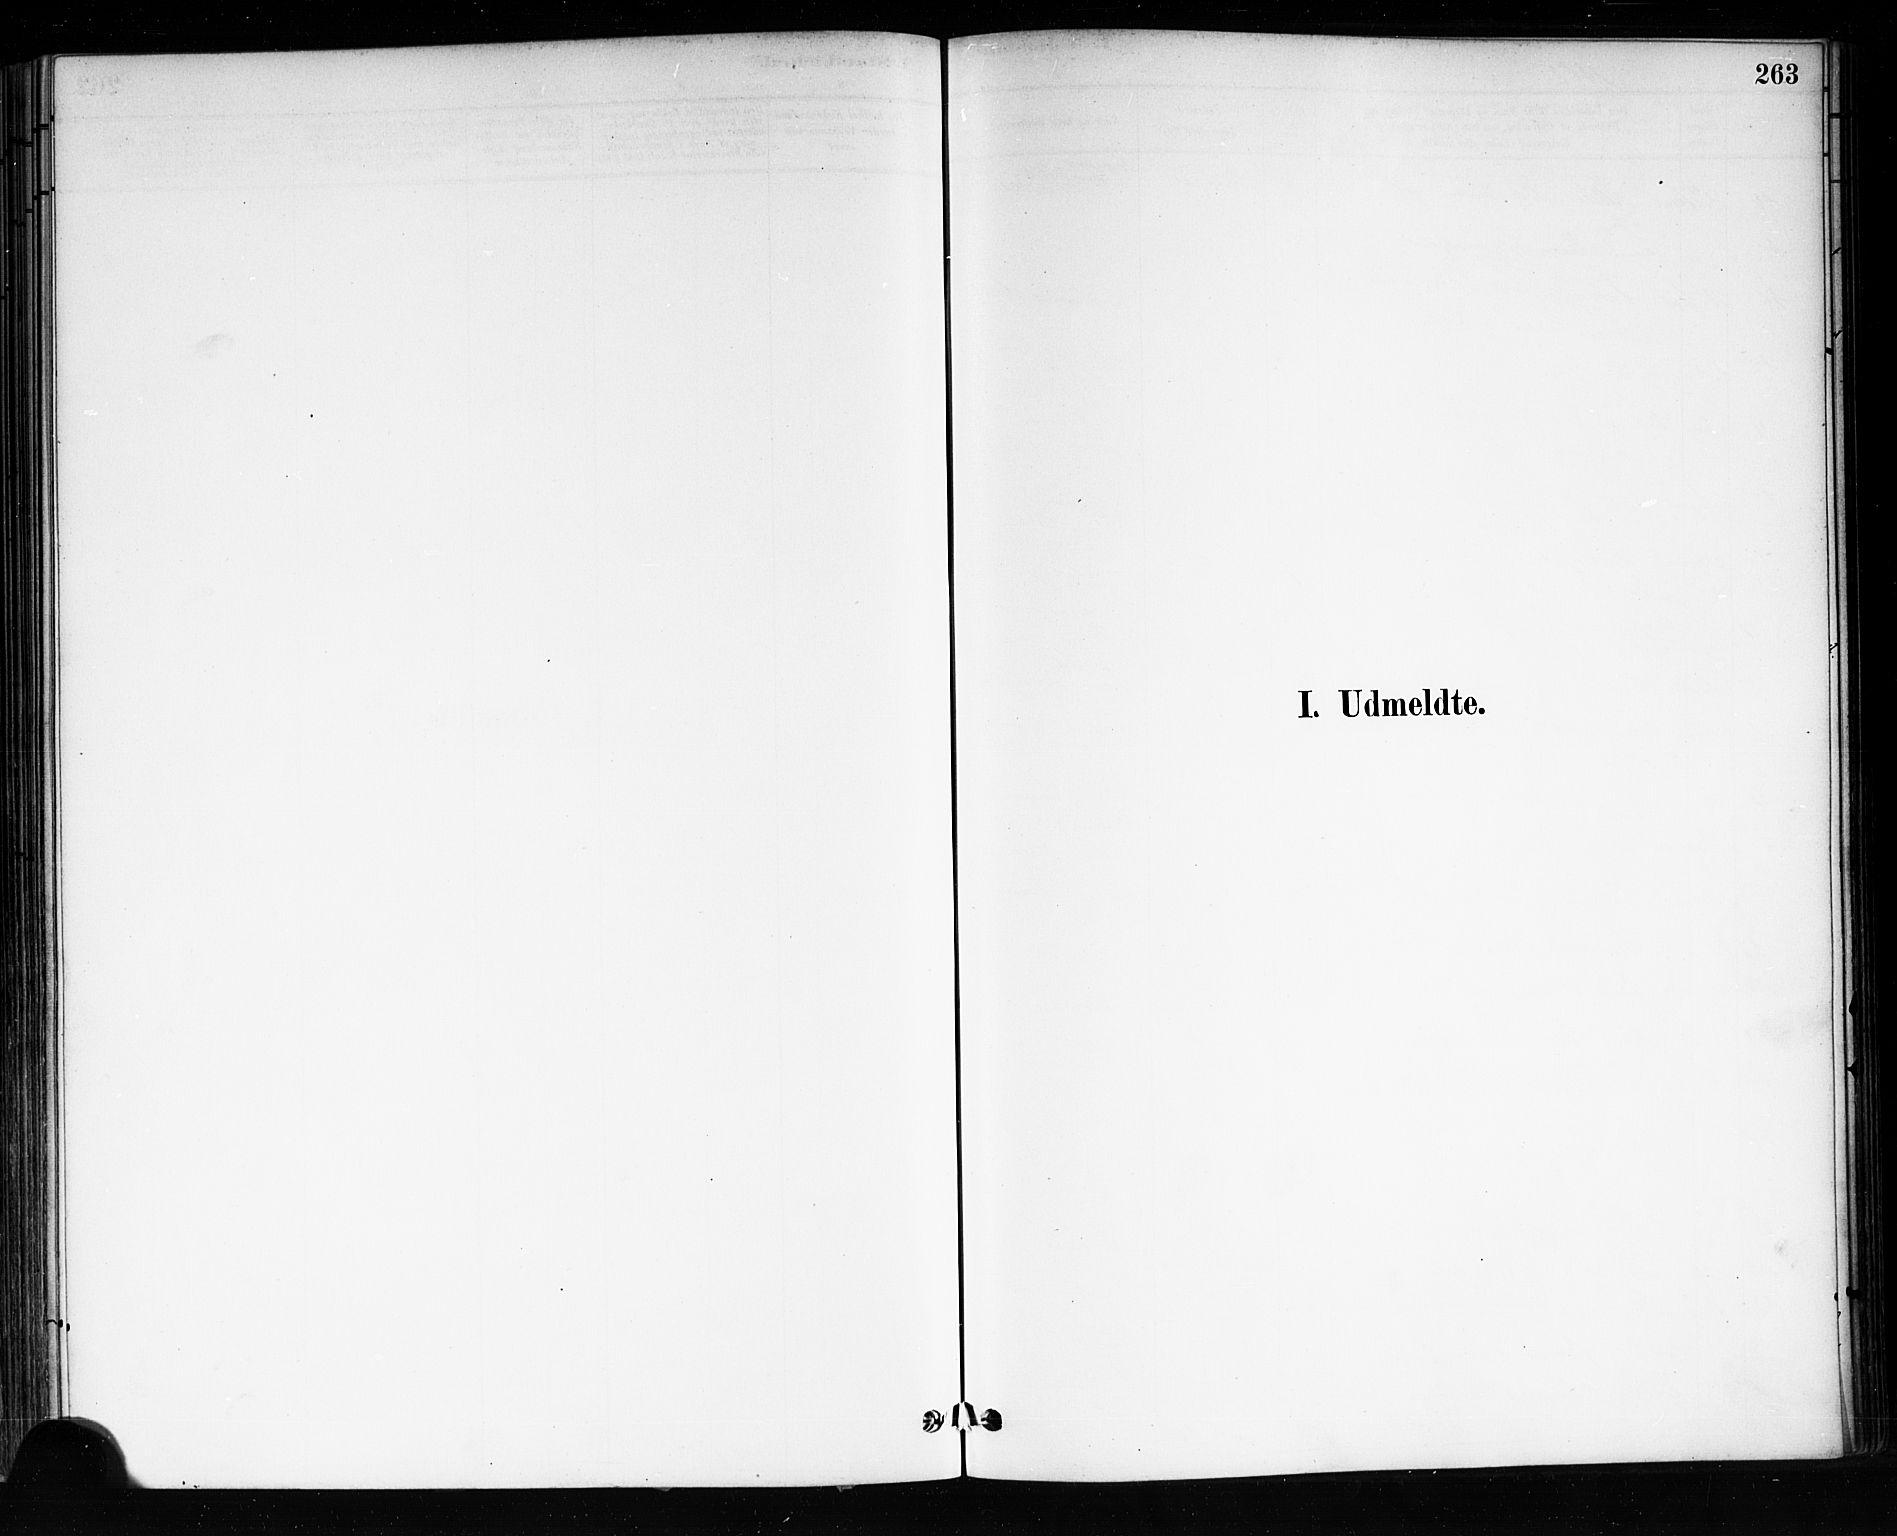 SAKO, Brevik kirkebøker, F/Fa/L0007: Ministerialbok nr. 7, 1882-1900, s. 263